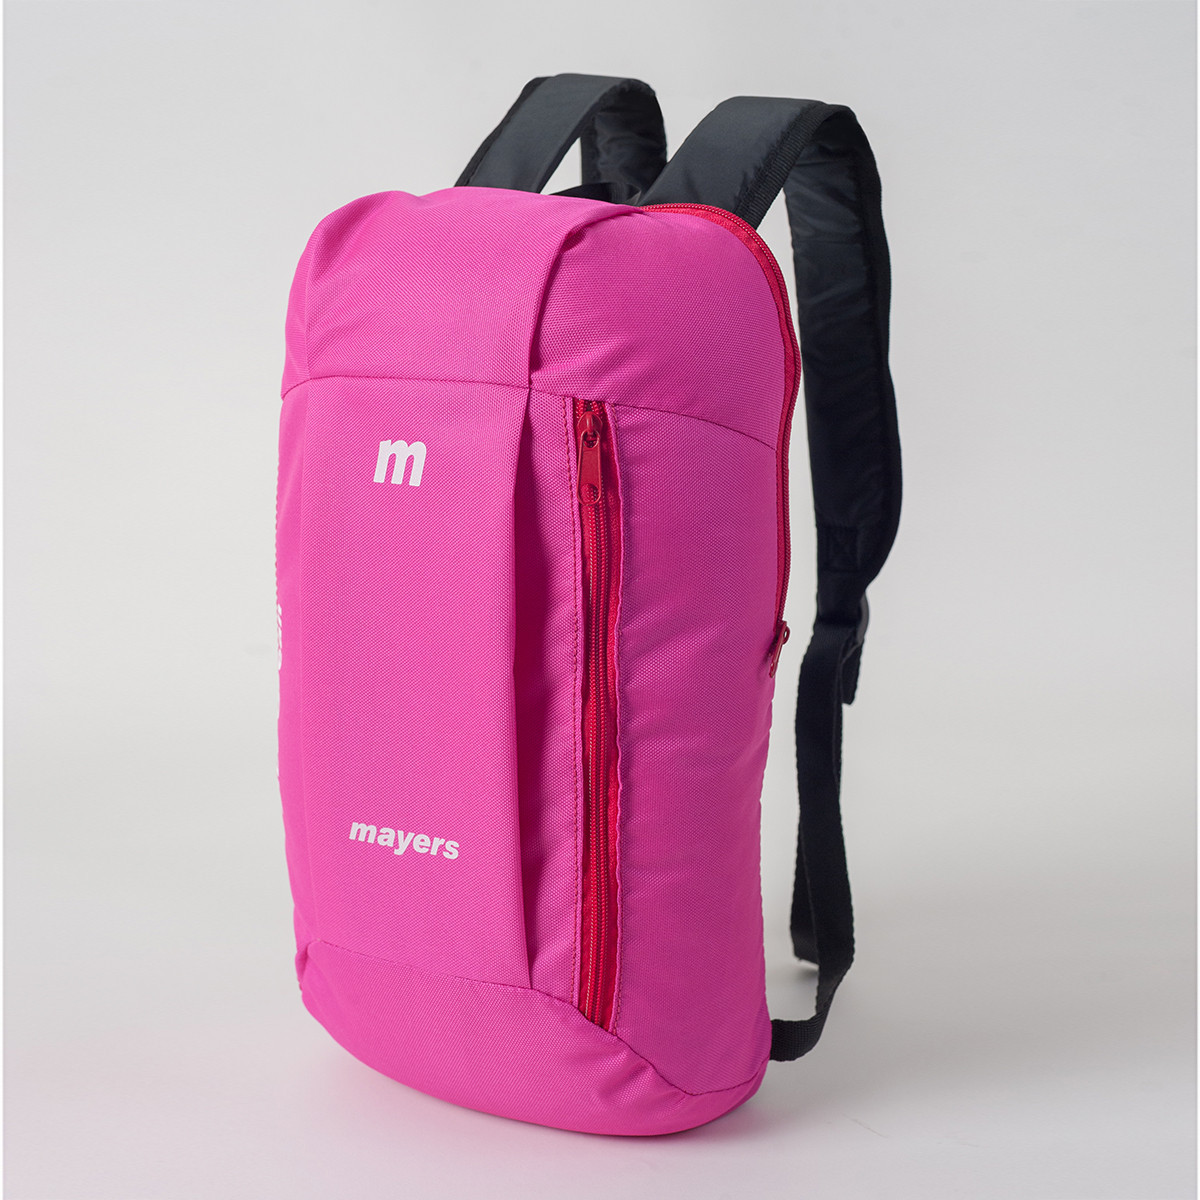 Дитячий рюкзак спортивний Mayers, рожевий на 10 л